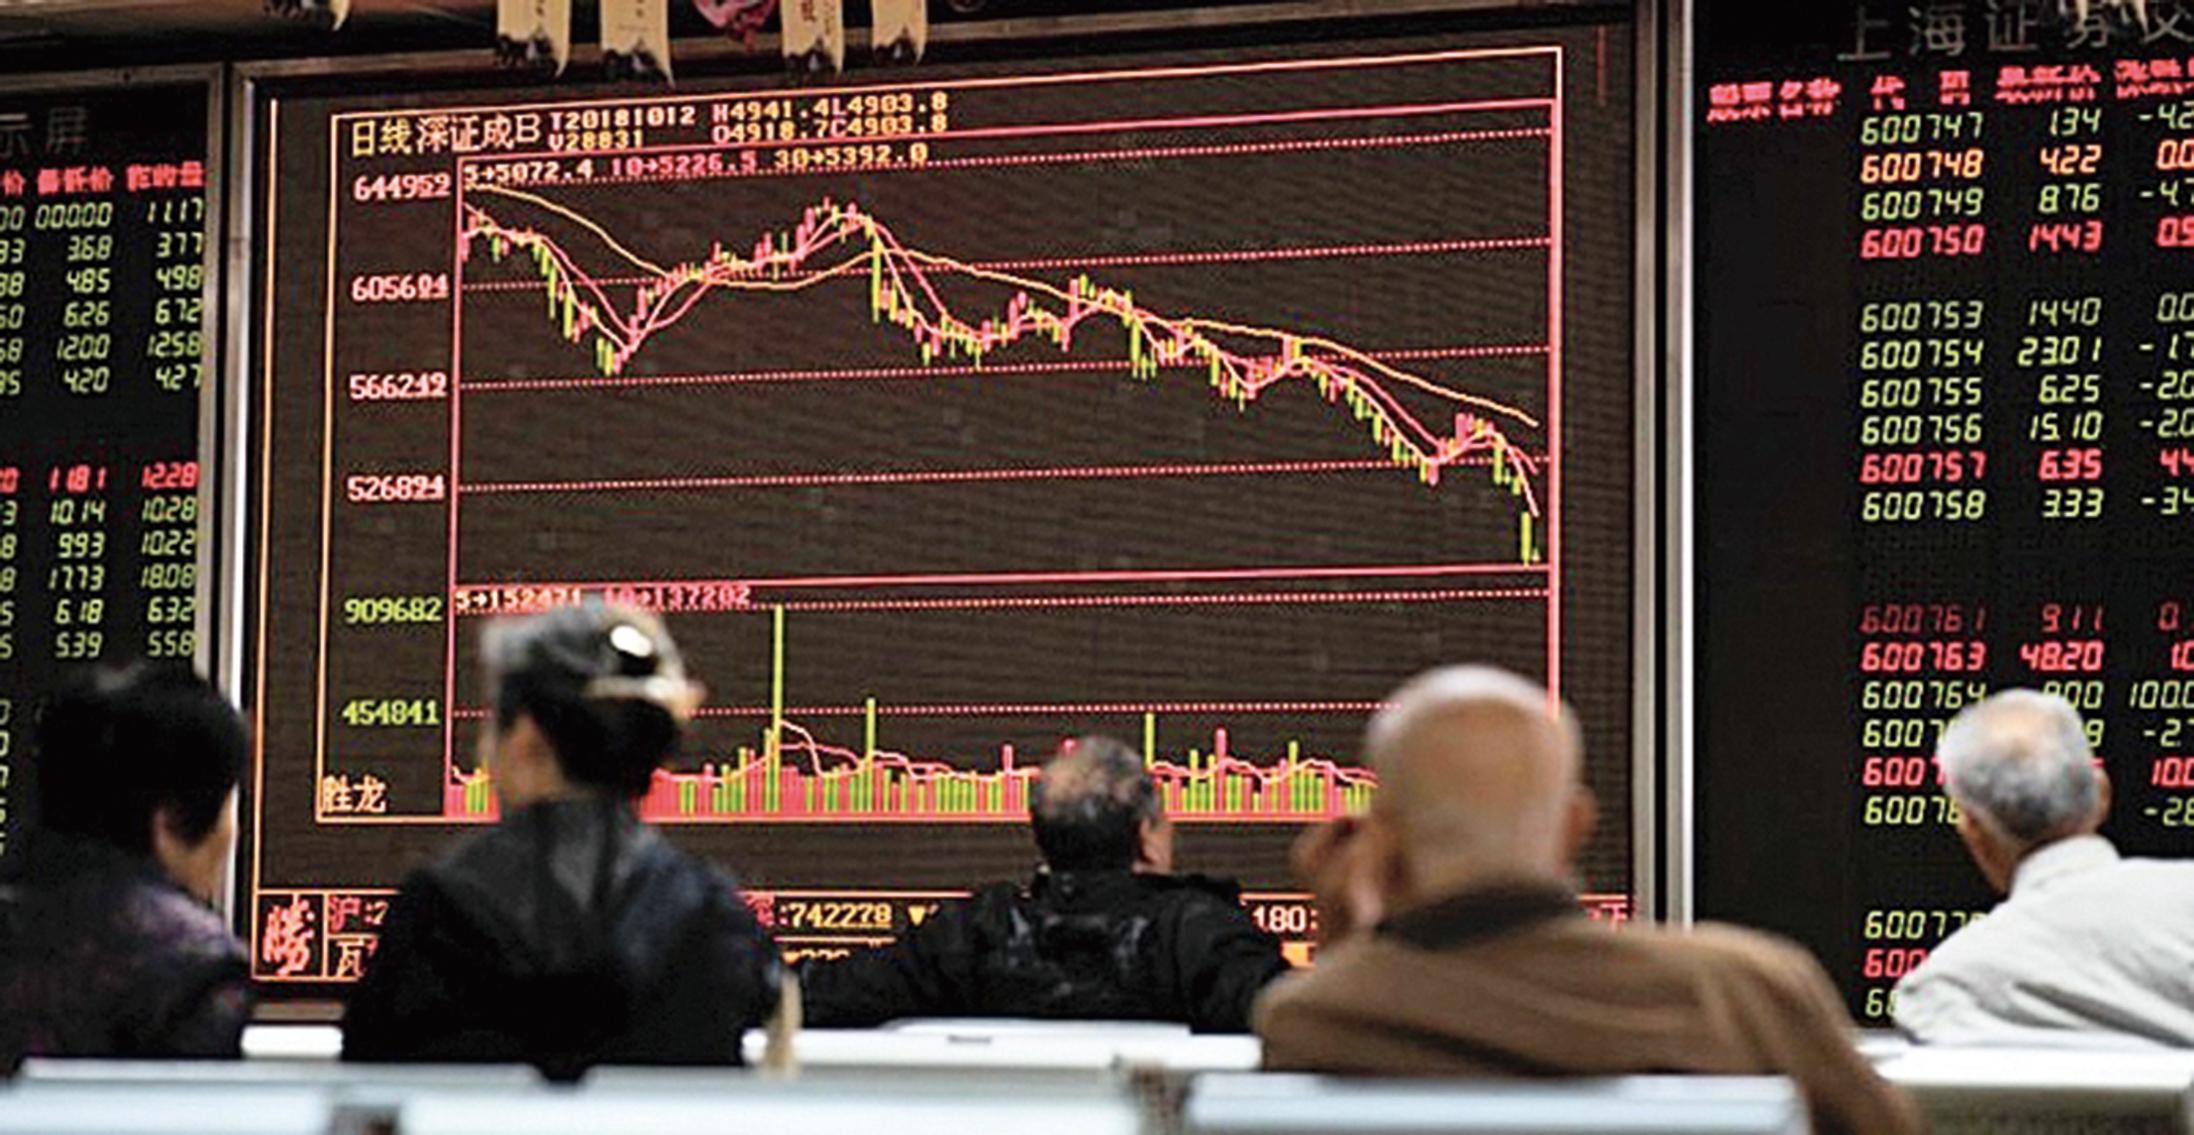 圖為2018年10月12日在北京一家證券公司的股票價格走勢。(AFP/Getty Images)